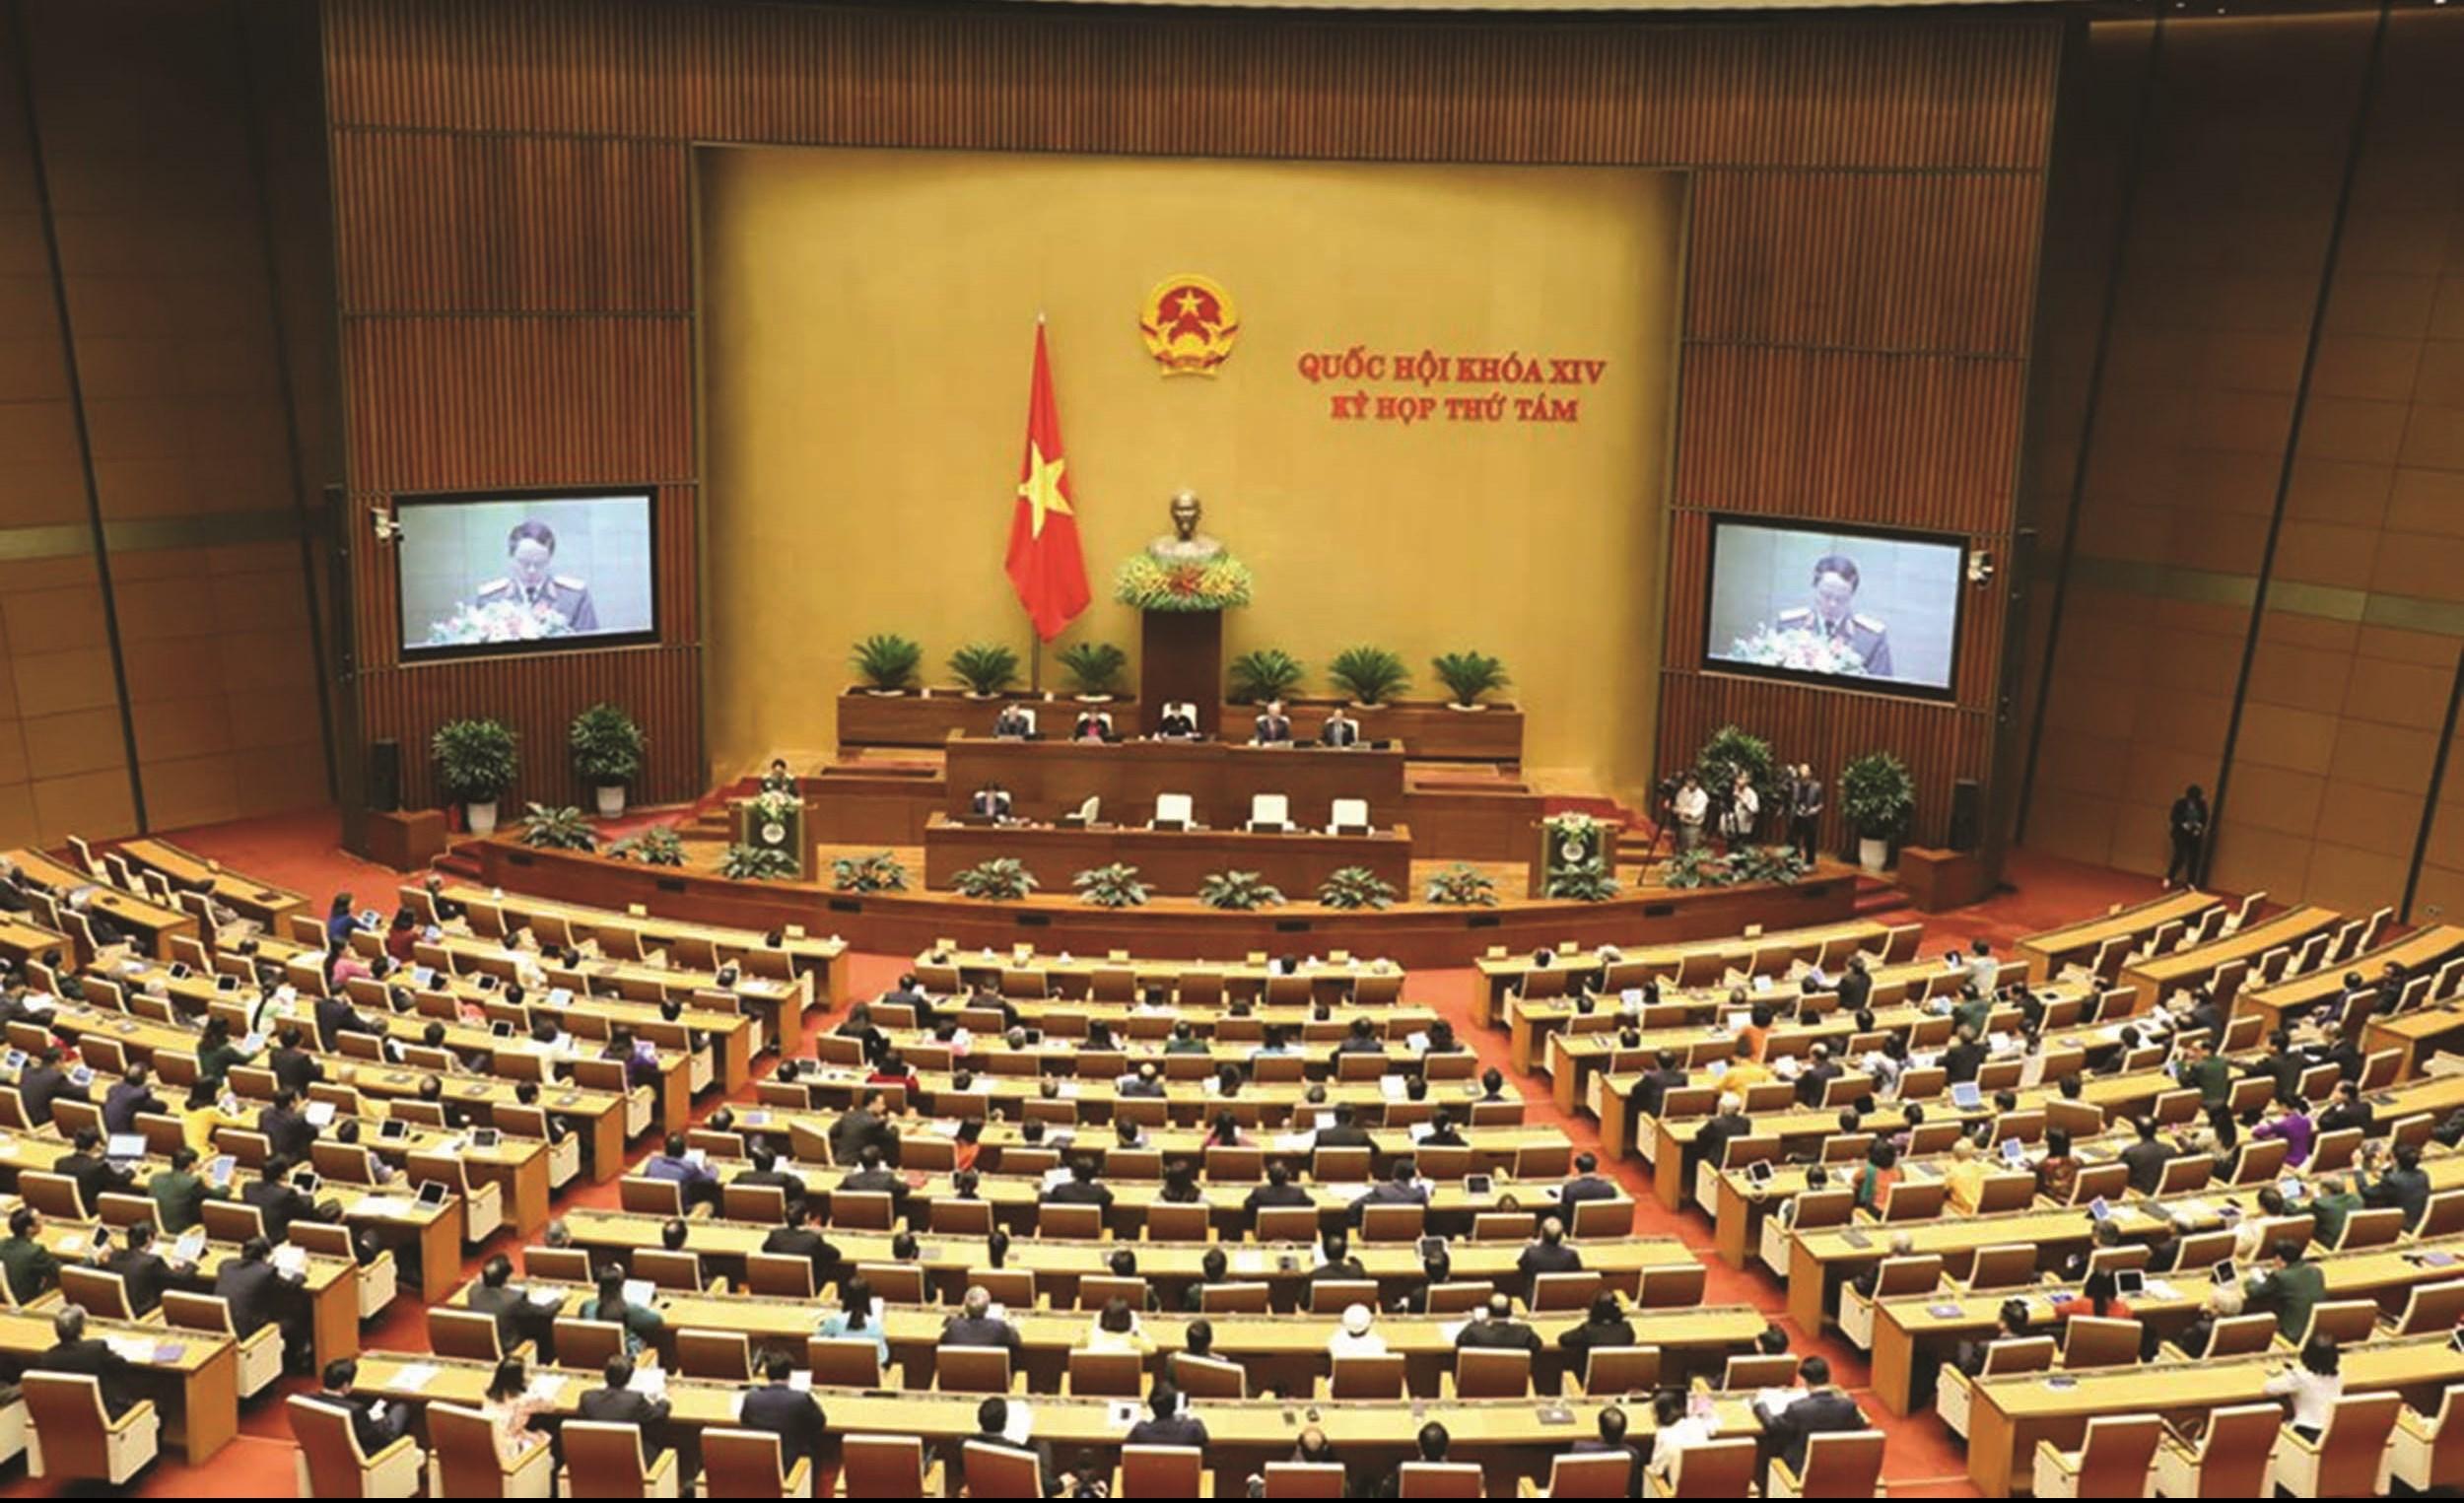 Kỳ họp thứ 8, Quốc hội khóa XIV bế mạc ngày 27/11/2019 sau 28 ngày làm việc nghiêm túc, dân chủ